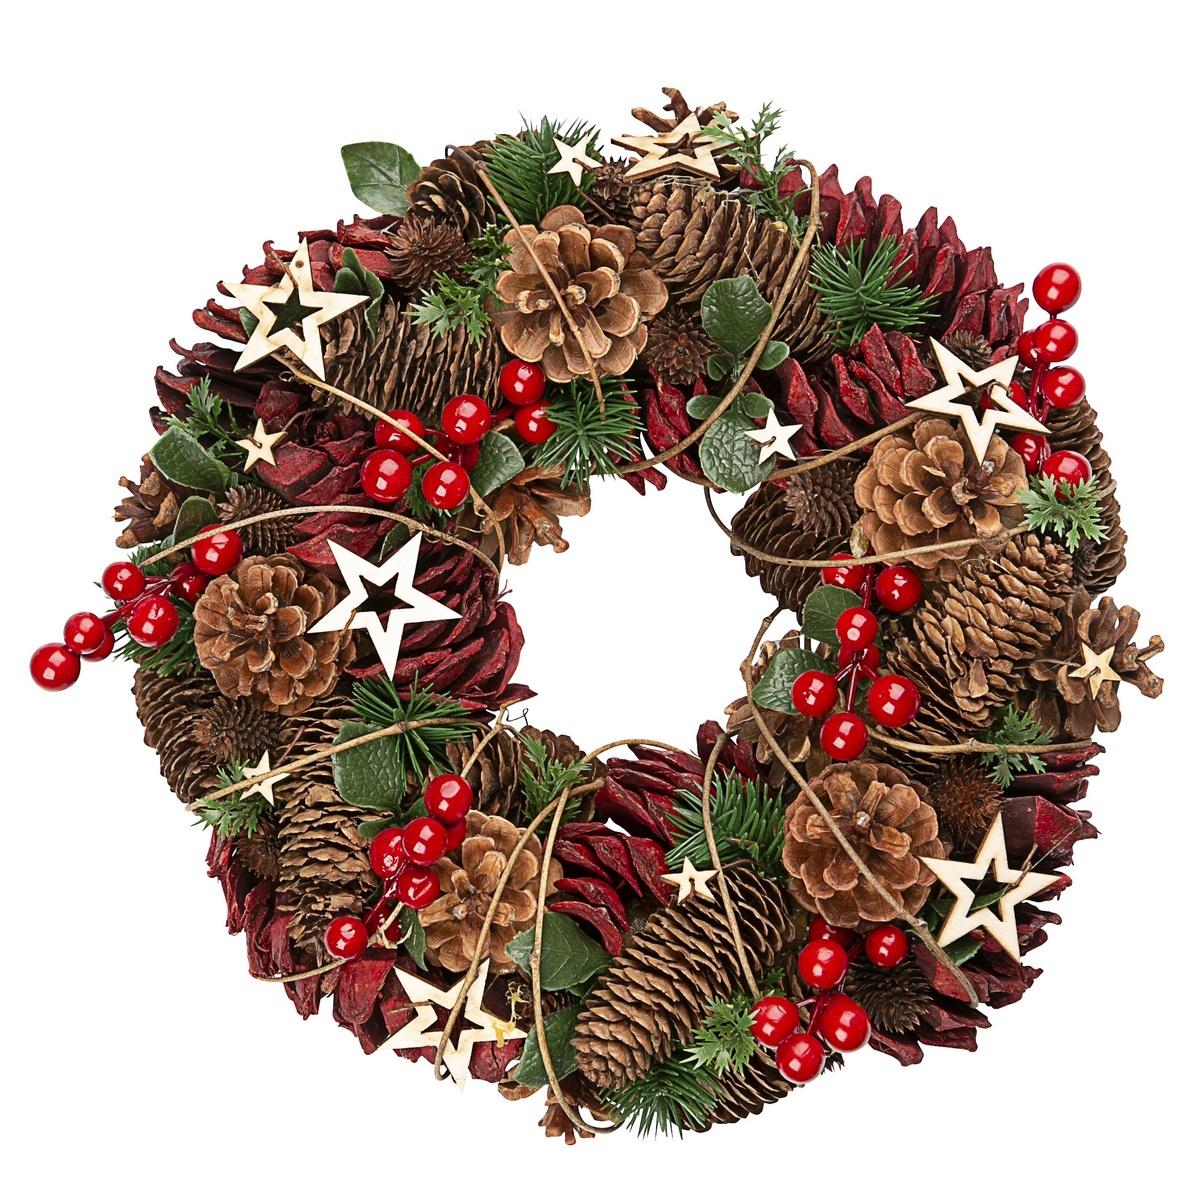 Altom Vánoční věnec Luxury 35 cm, červená